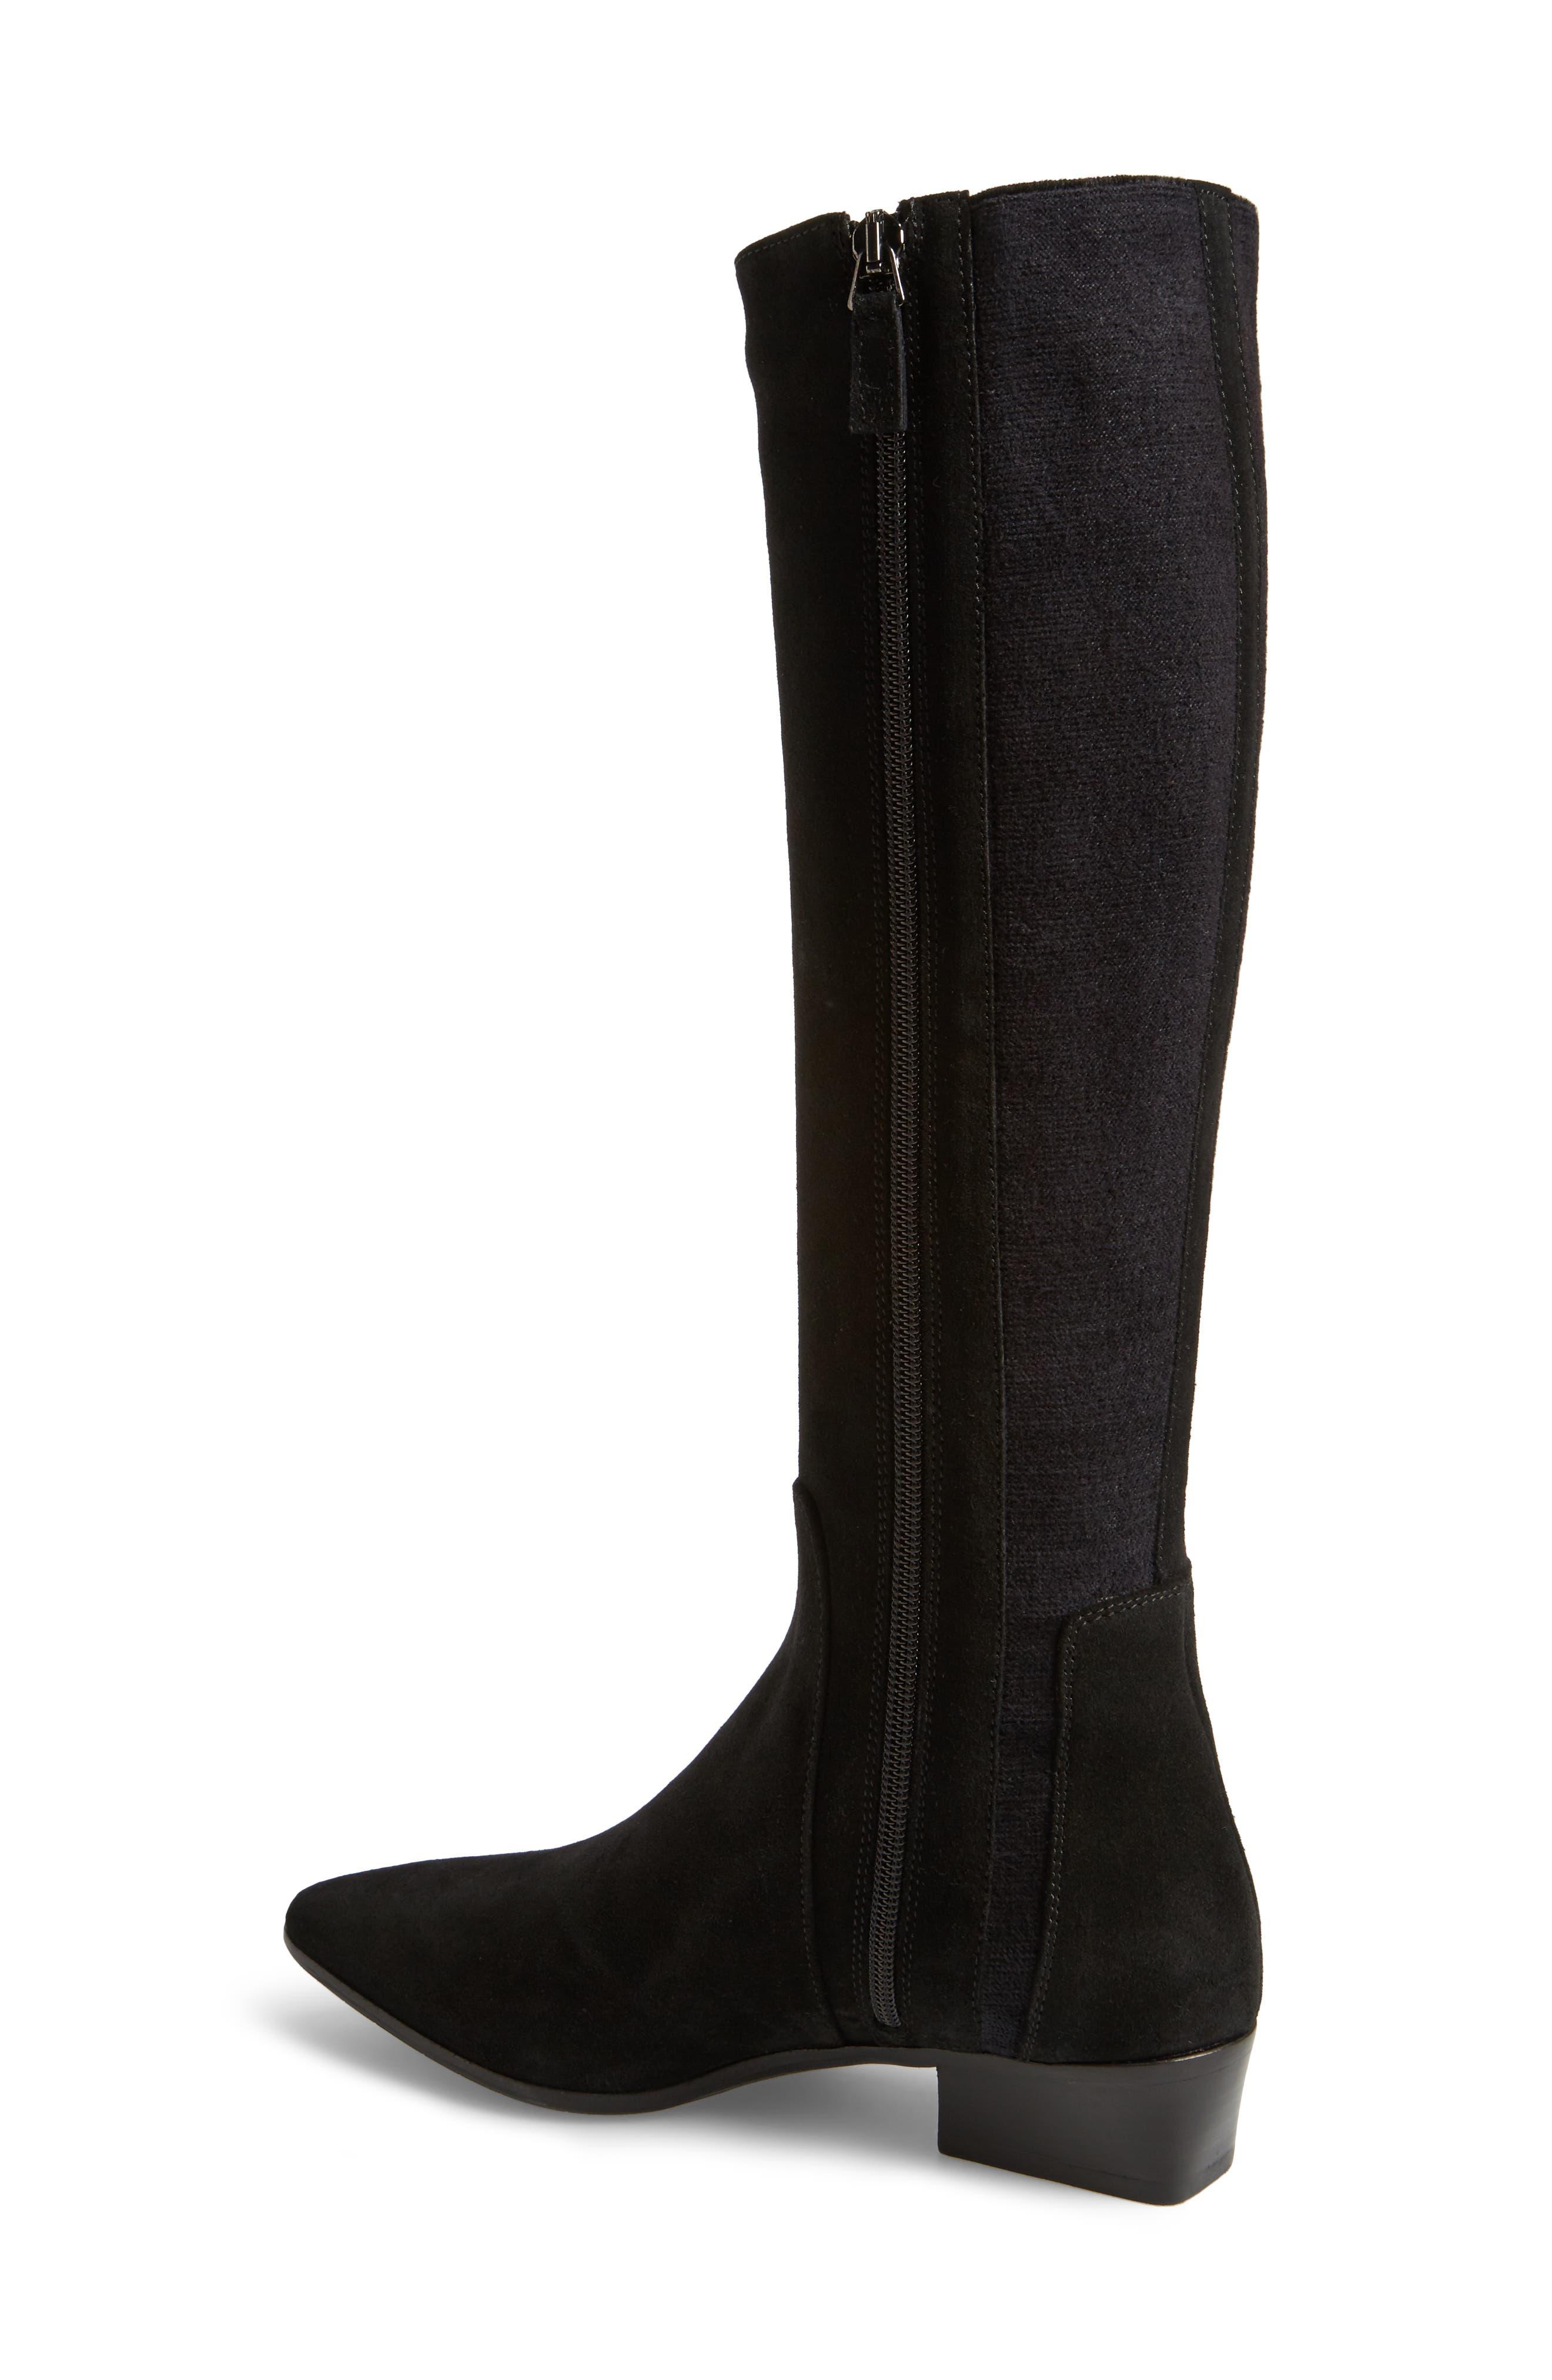 Federica Weatherproof Knee High Boot,                             Alternate thumbnail 2, color,                             Black Suede